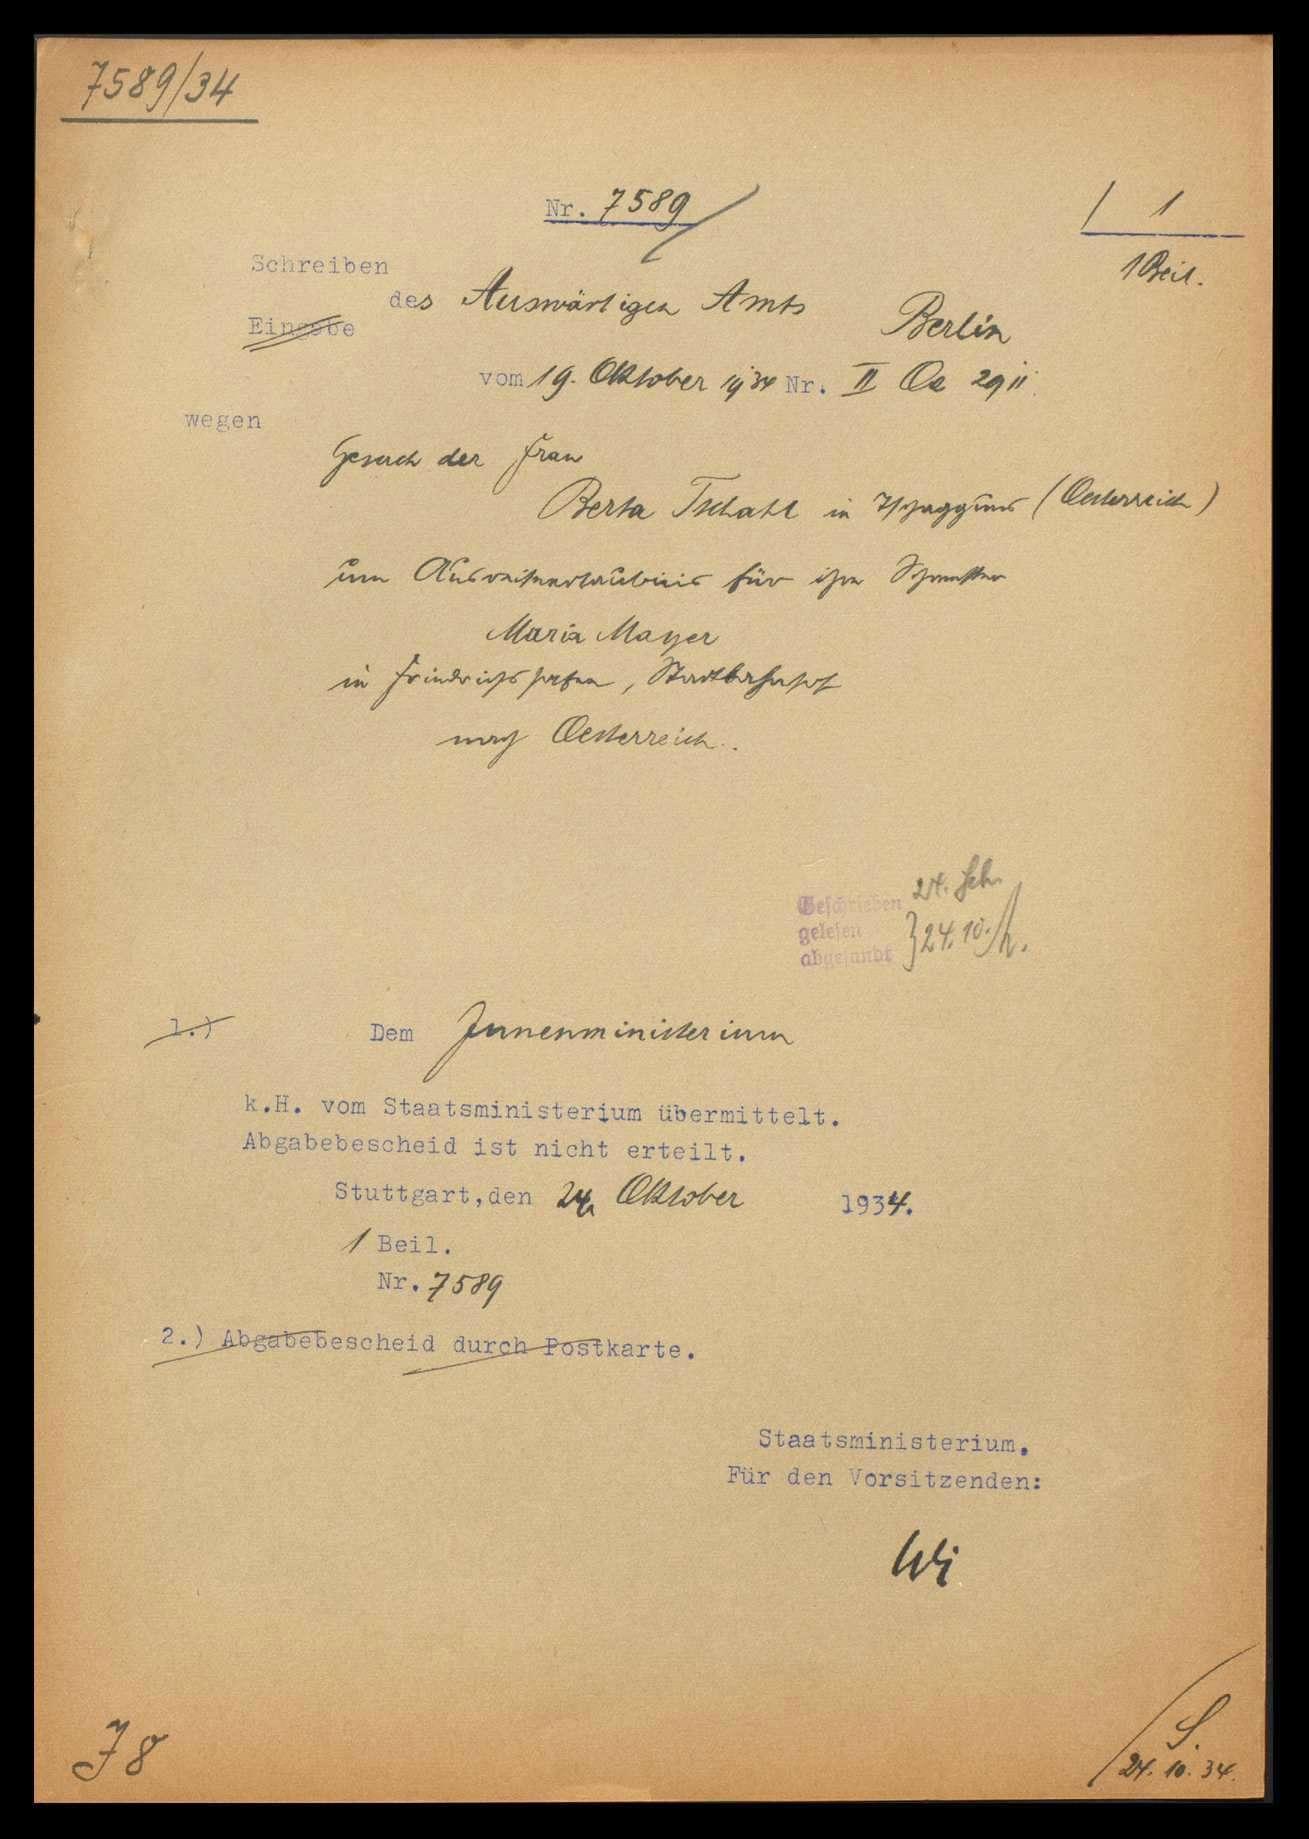 Gesuche wegen Ein- und Ausreisebewilligung sowie wegen Ausweisung deutscher und ausländischer Staatsangehöriger, Bild 1